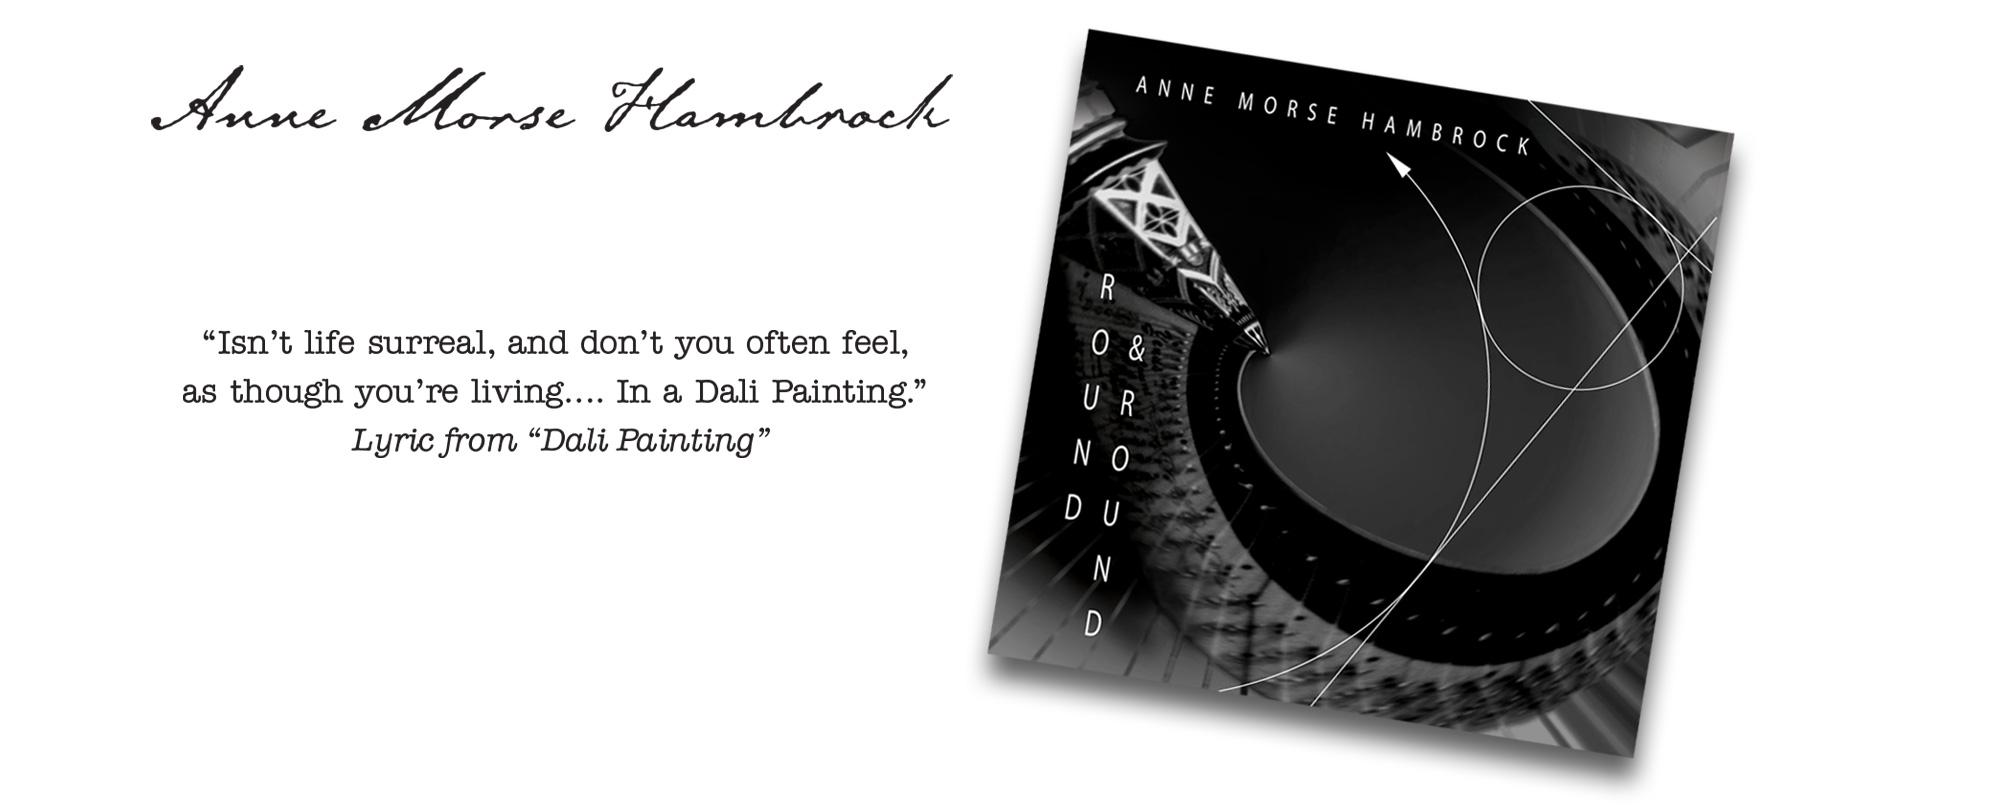 Anne Morse-Hambrock Round & Round Album